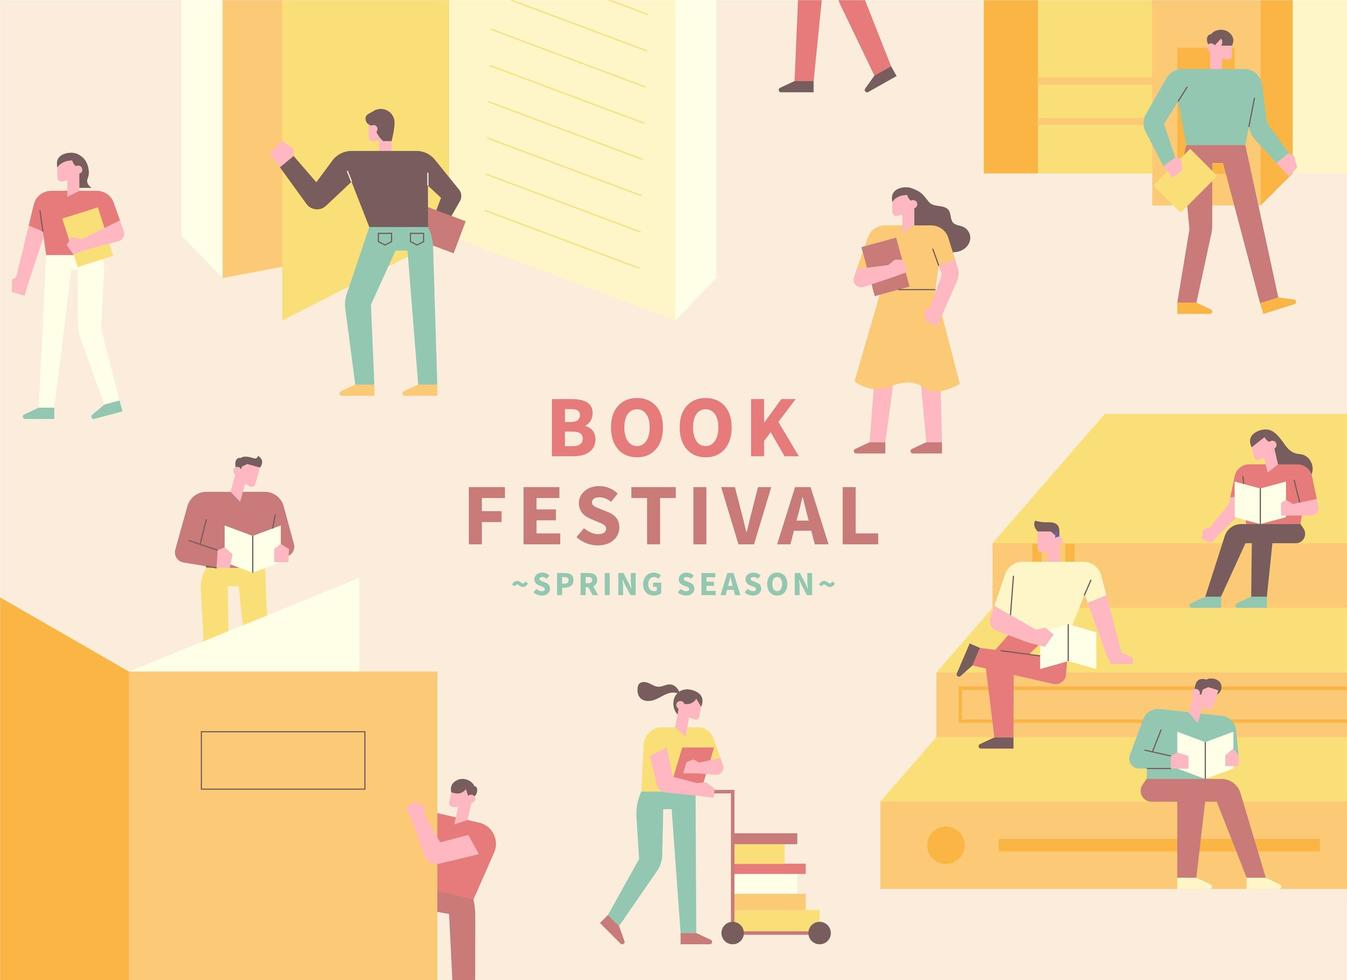 Buch Festival Poster vektor